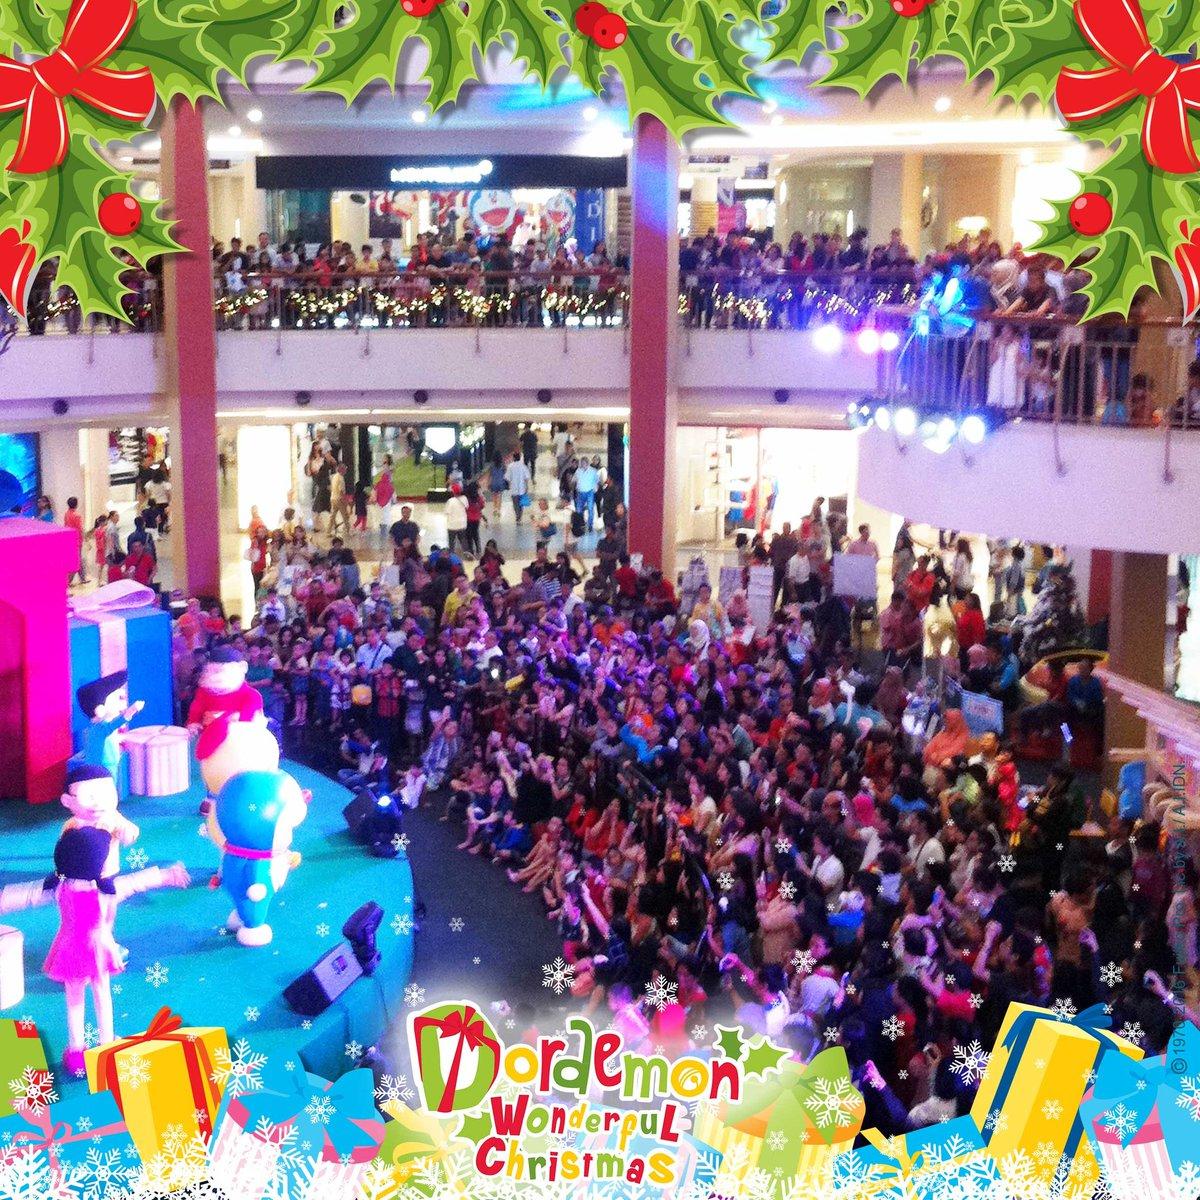 Ucapkan salam saat bertemu dengan Doraemon & Teman-Teman!  Hari inu terakhir loh!  #DoraemonMania #ILoveDoraemon #DoraemonIndonesia https://t.co/jx93tBco9M